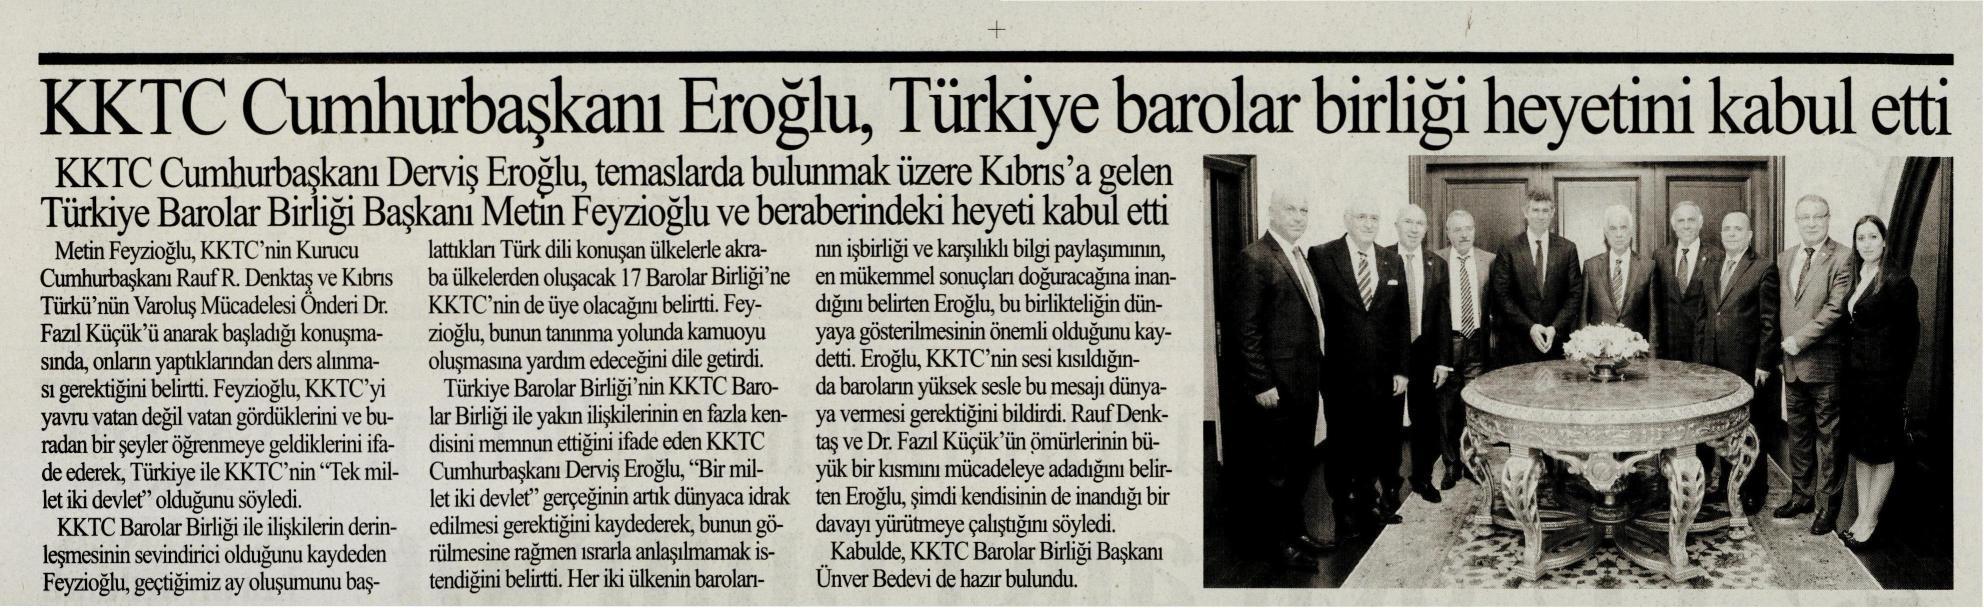 Vakit, KKTC Cumhurba�kan� Ero�lu, T�rkiye Barolar Birli�i heyetini kabul etti